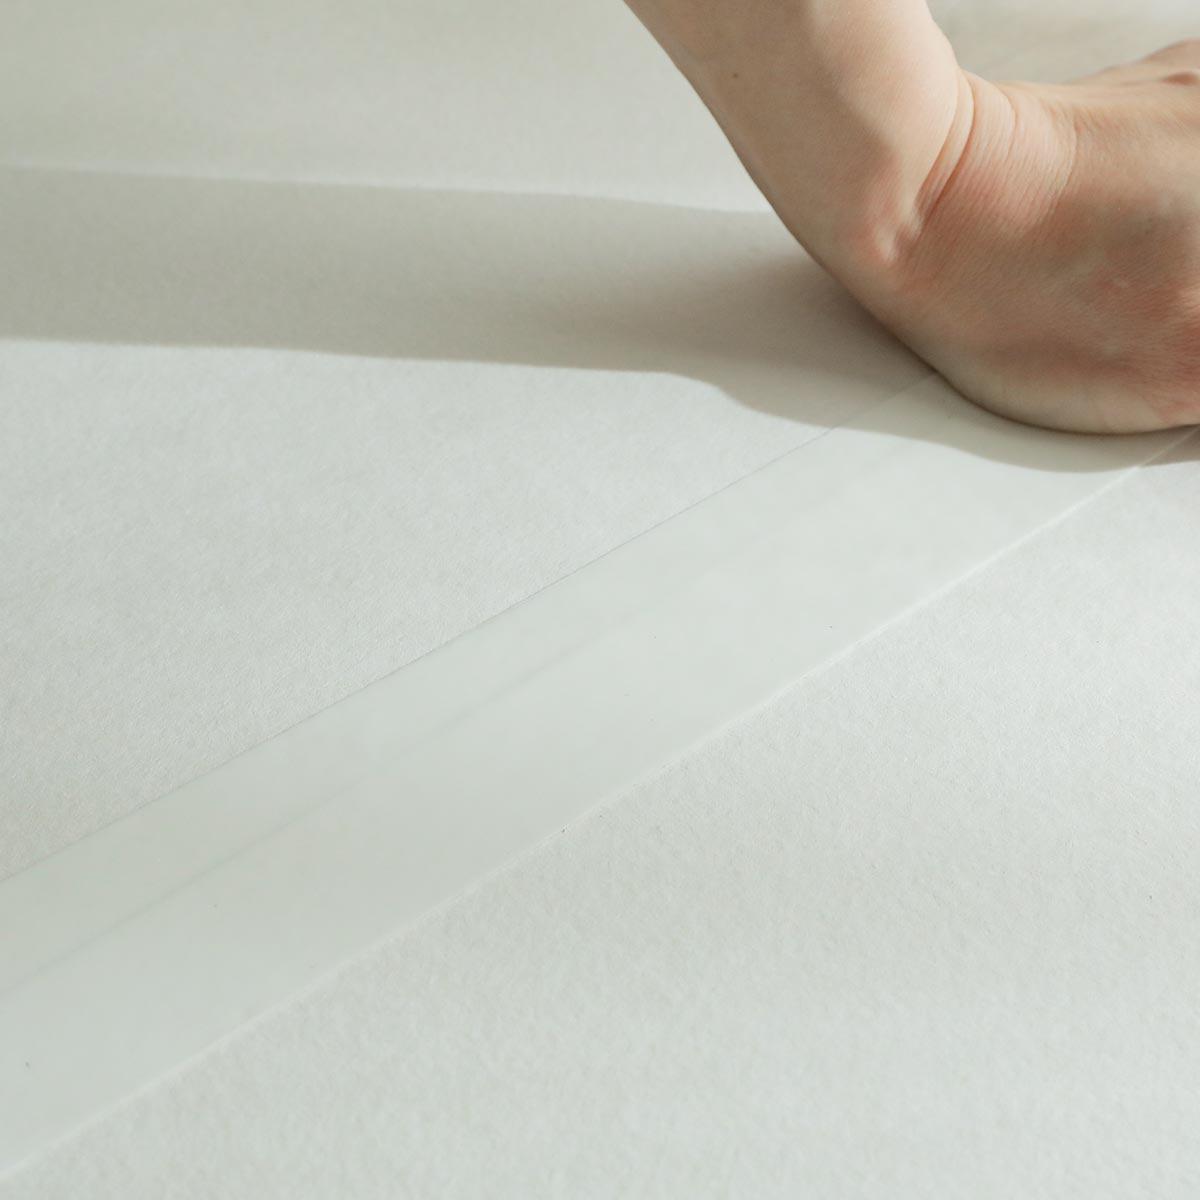 テープの表面は床に吸着し、滑りにくい仕様。